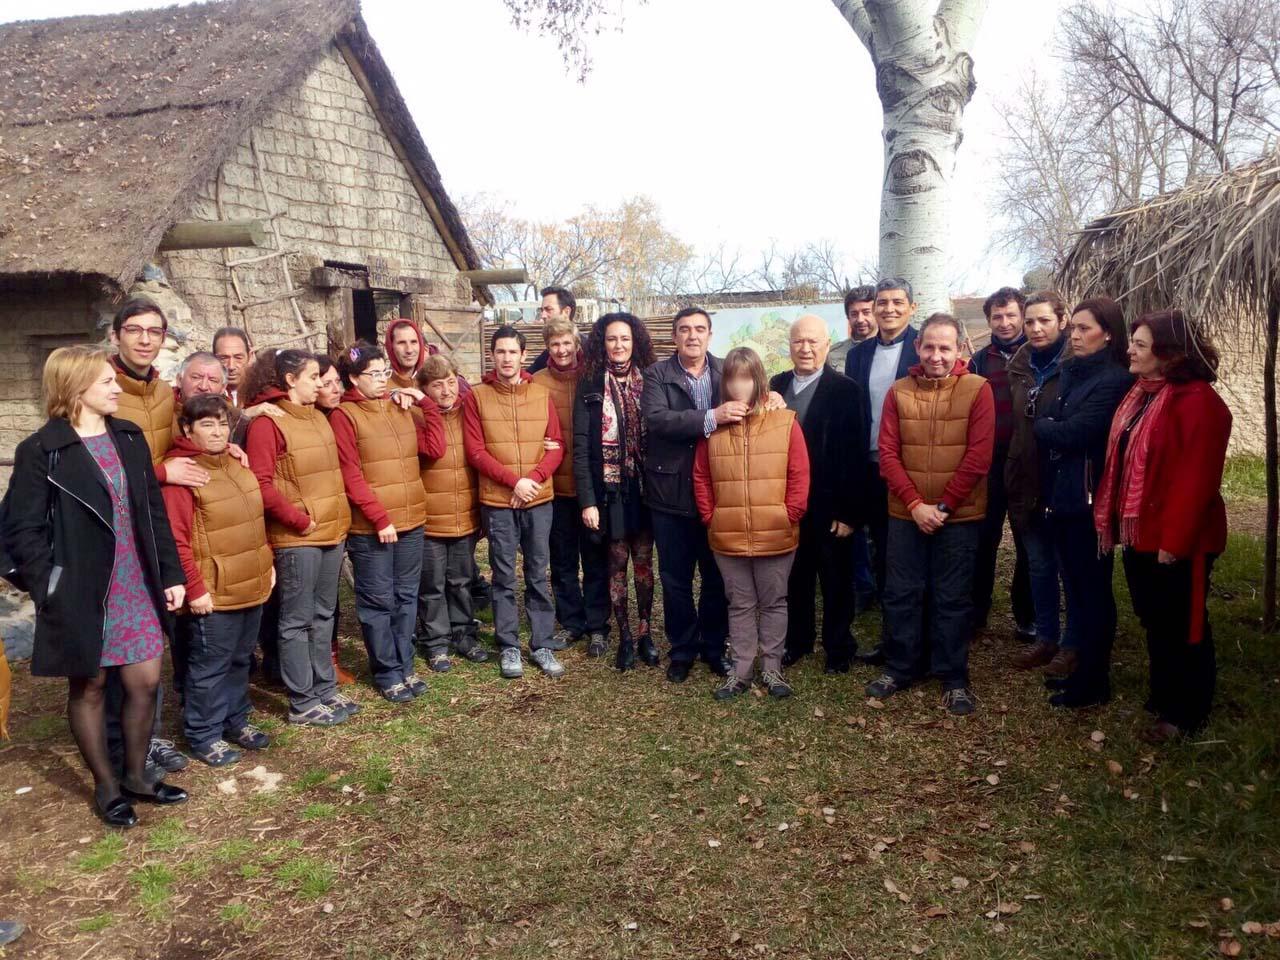 El Delegado de Educación de la Junta Andalucía en Huelva junto con la Alcaldesa de Gibraleón Lourdes Martín, visitan El Poblado Tartésico